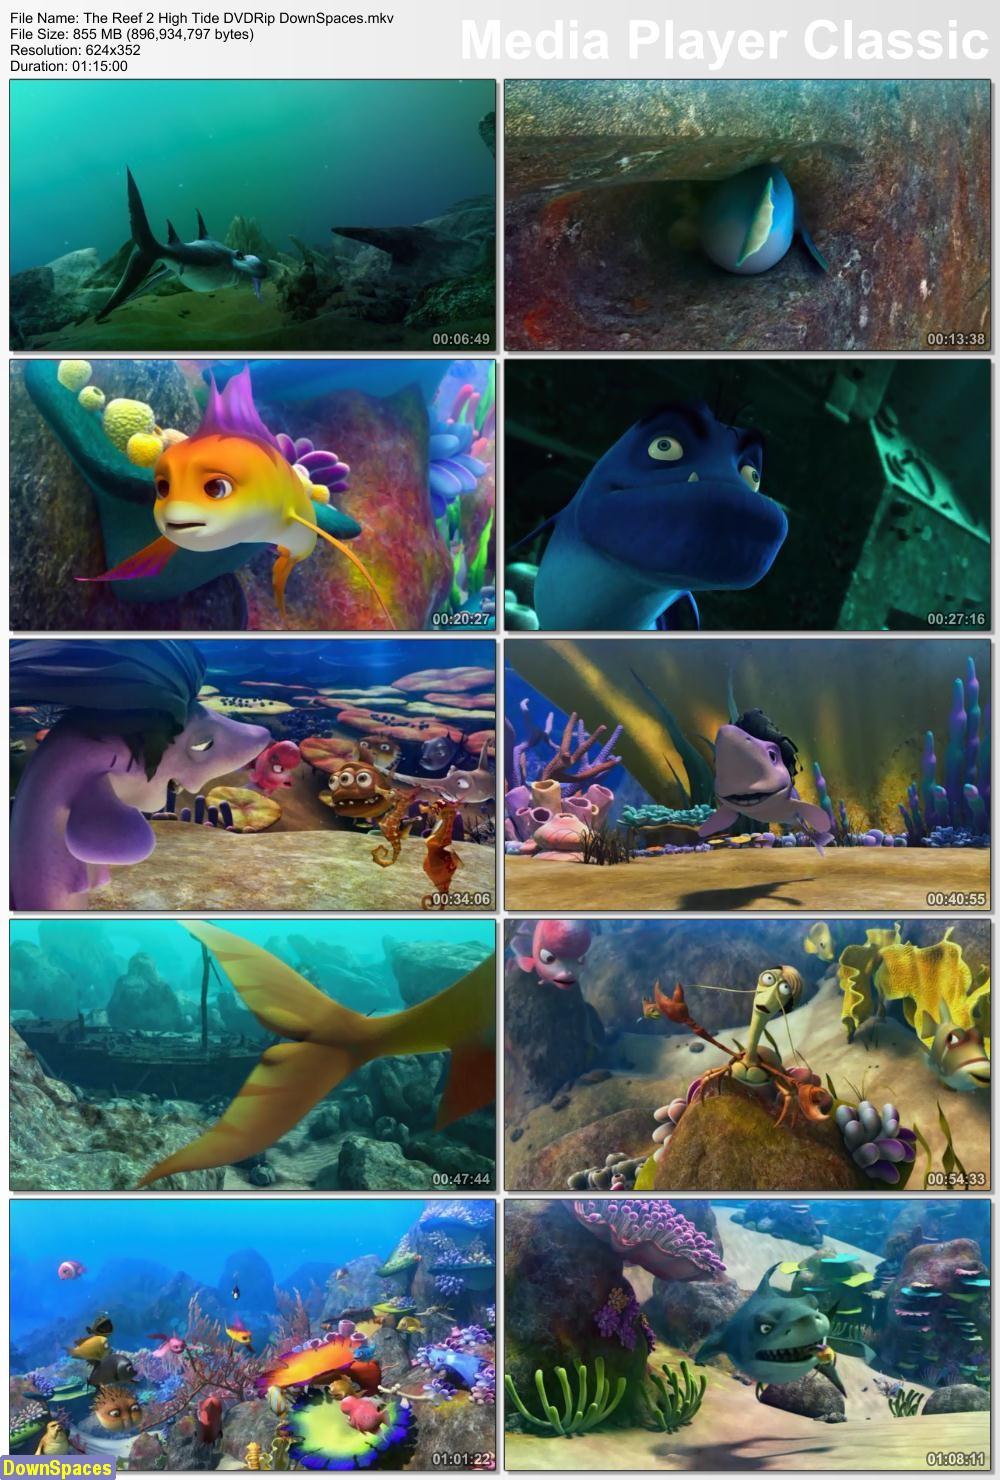 دانلود انیمیشن The Reef 2: High Tide 2012